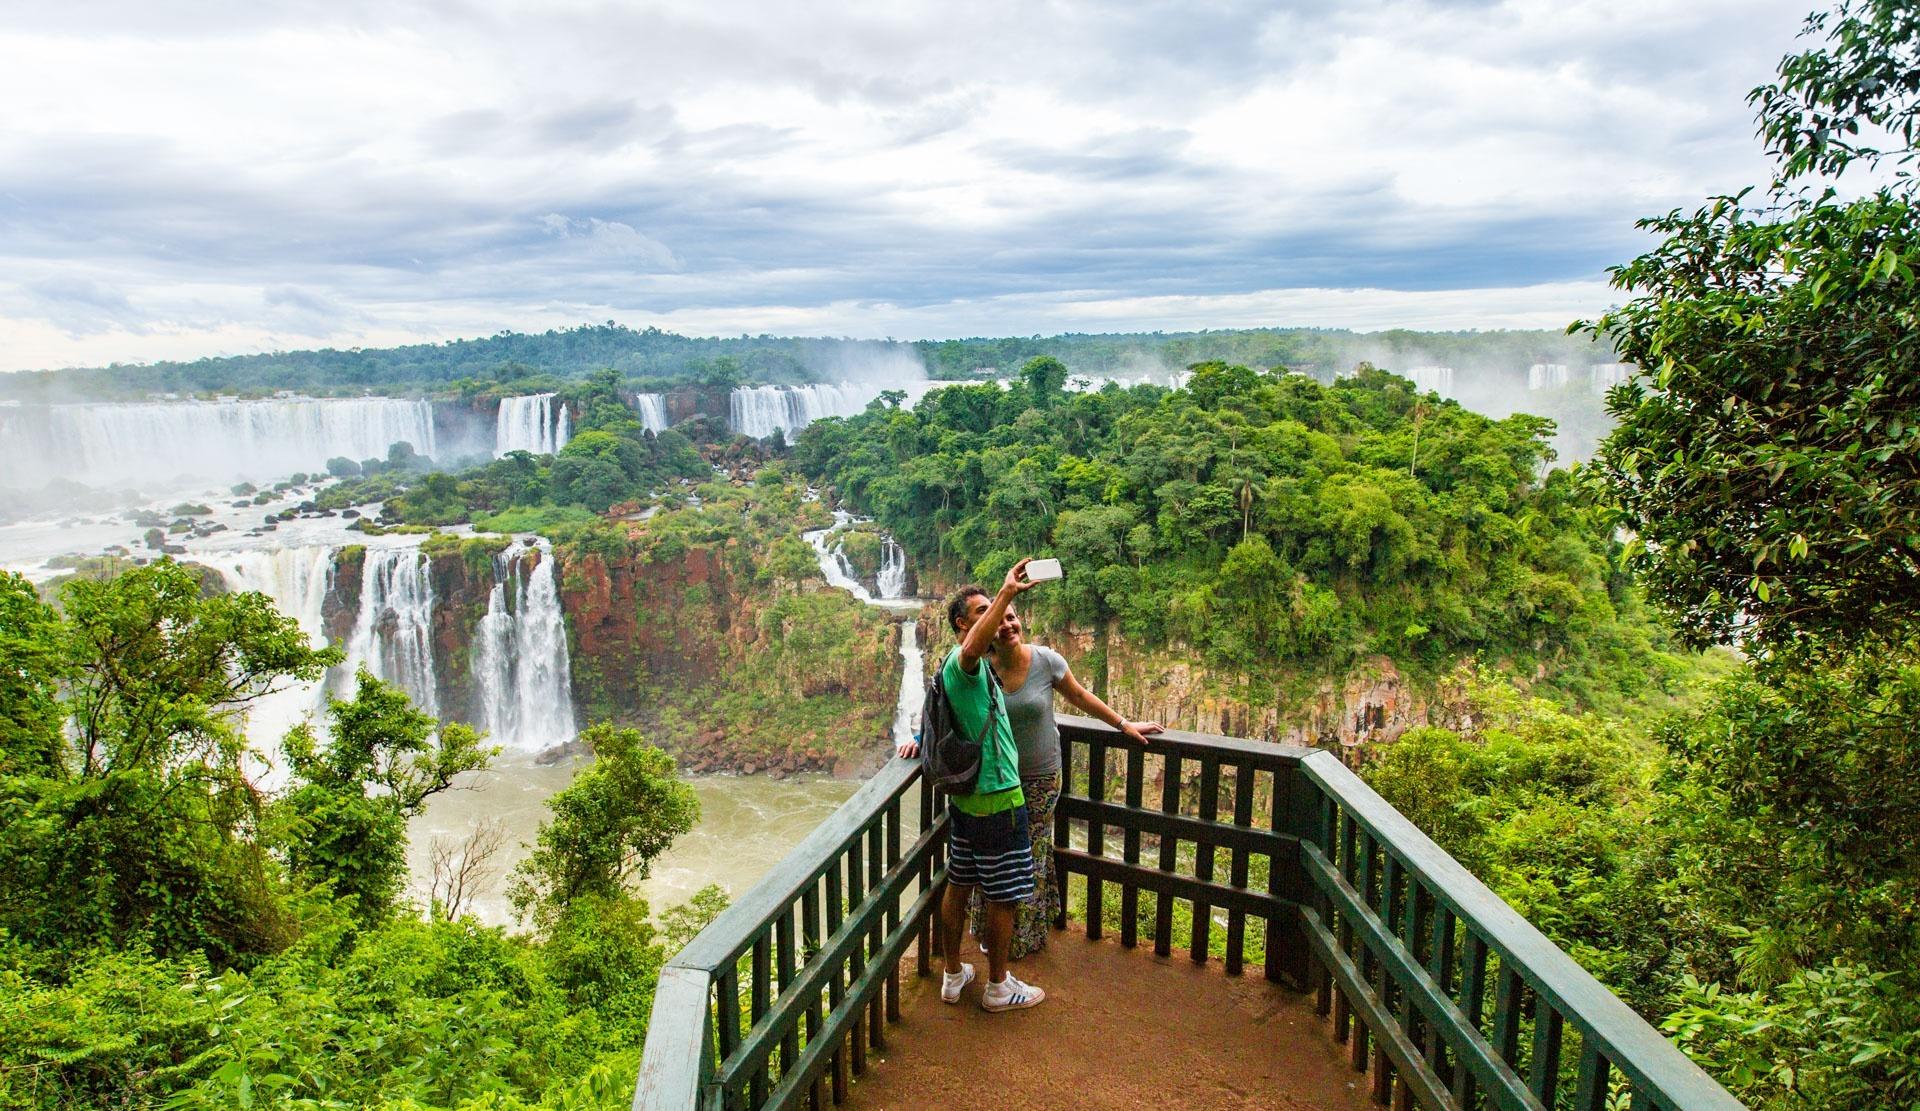 Die beste Reisezeit für die Iguazú-Fälle ist von November bis März. Quelle: Viventura